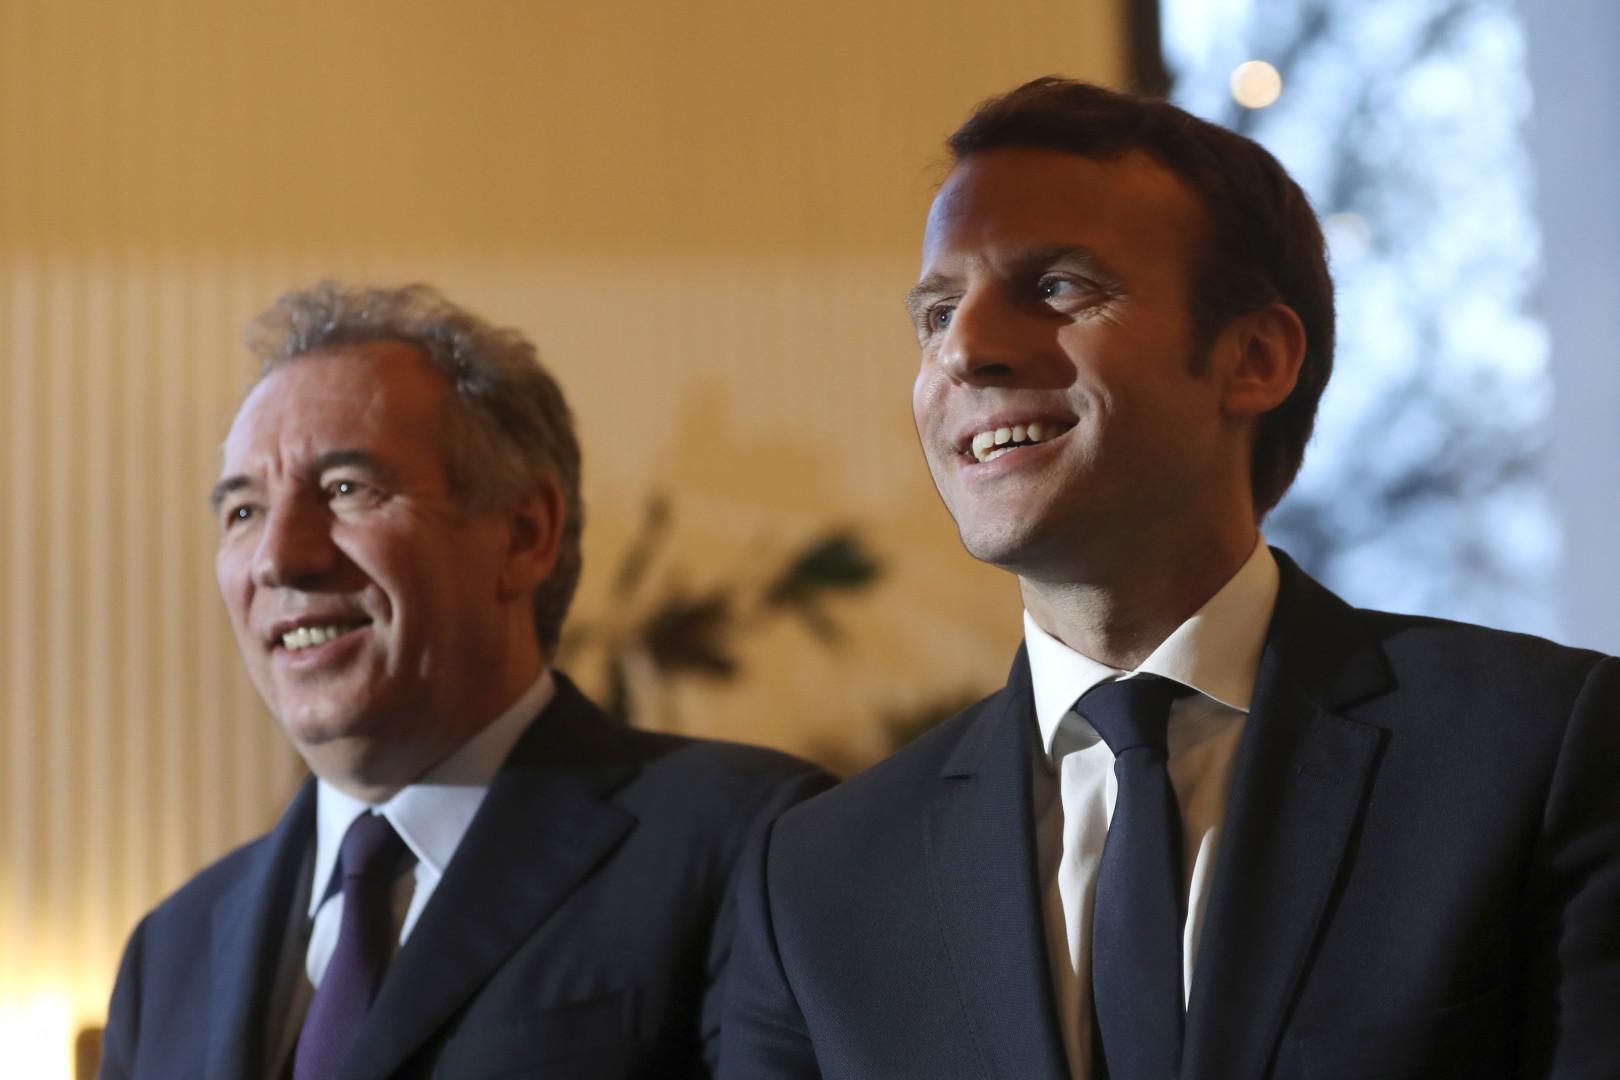 François Bayrou et Emmanuel Macron scellent leur alliance, le 23/02/2017